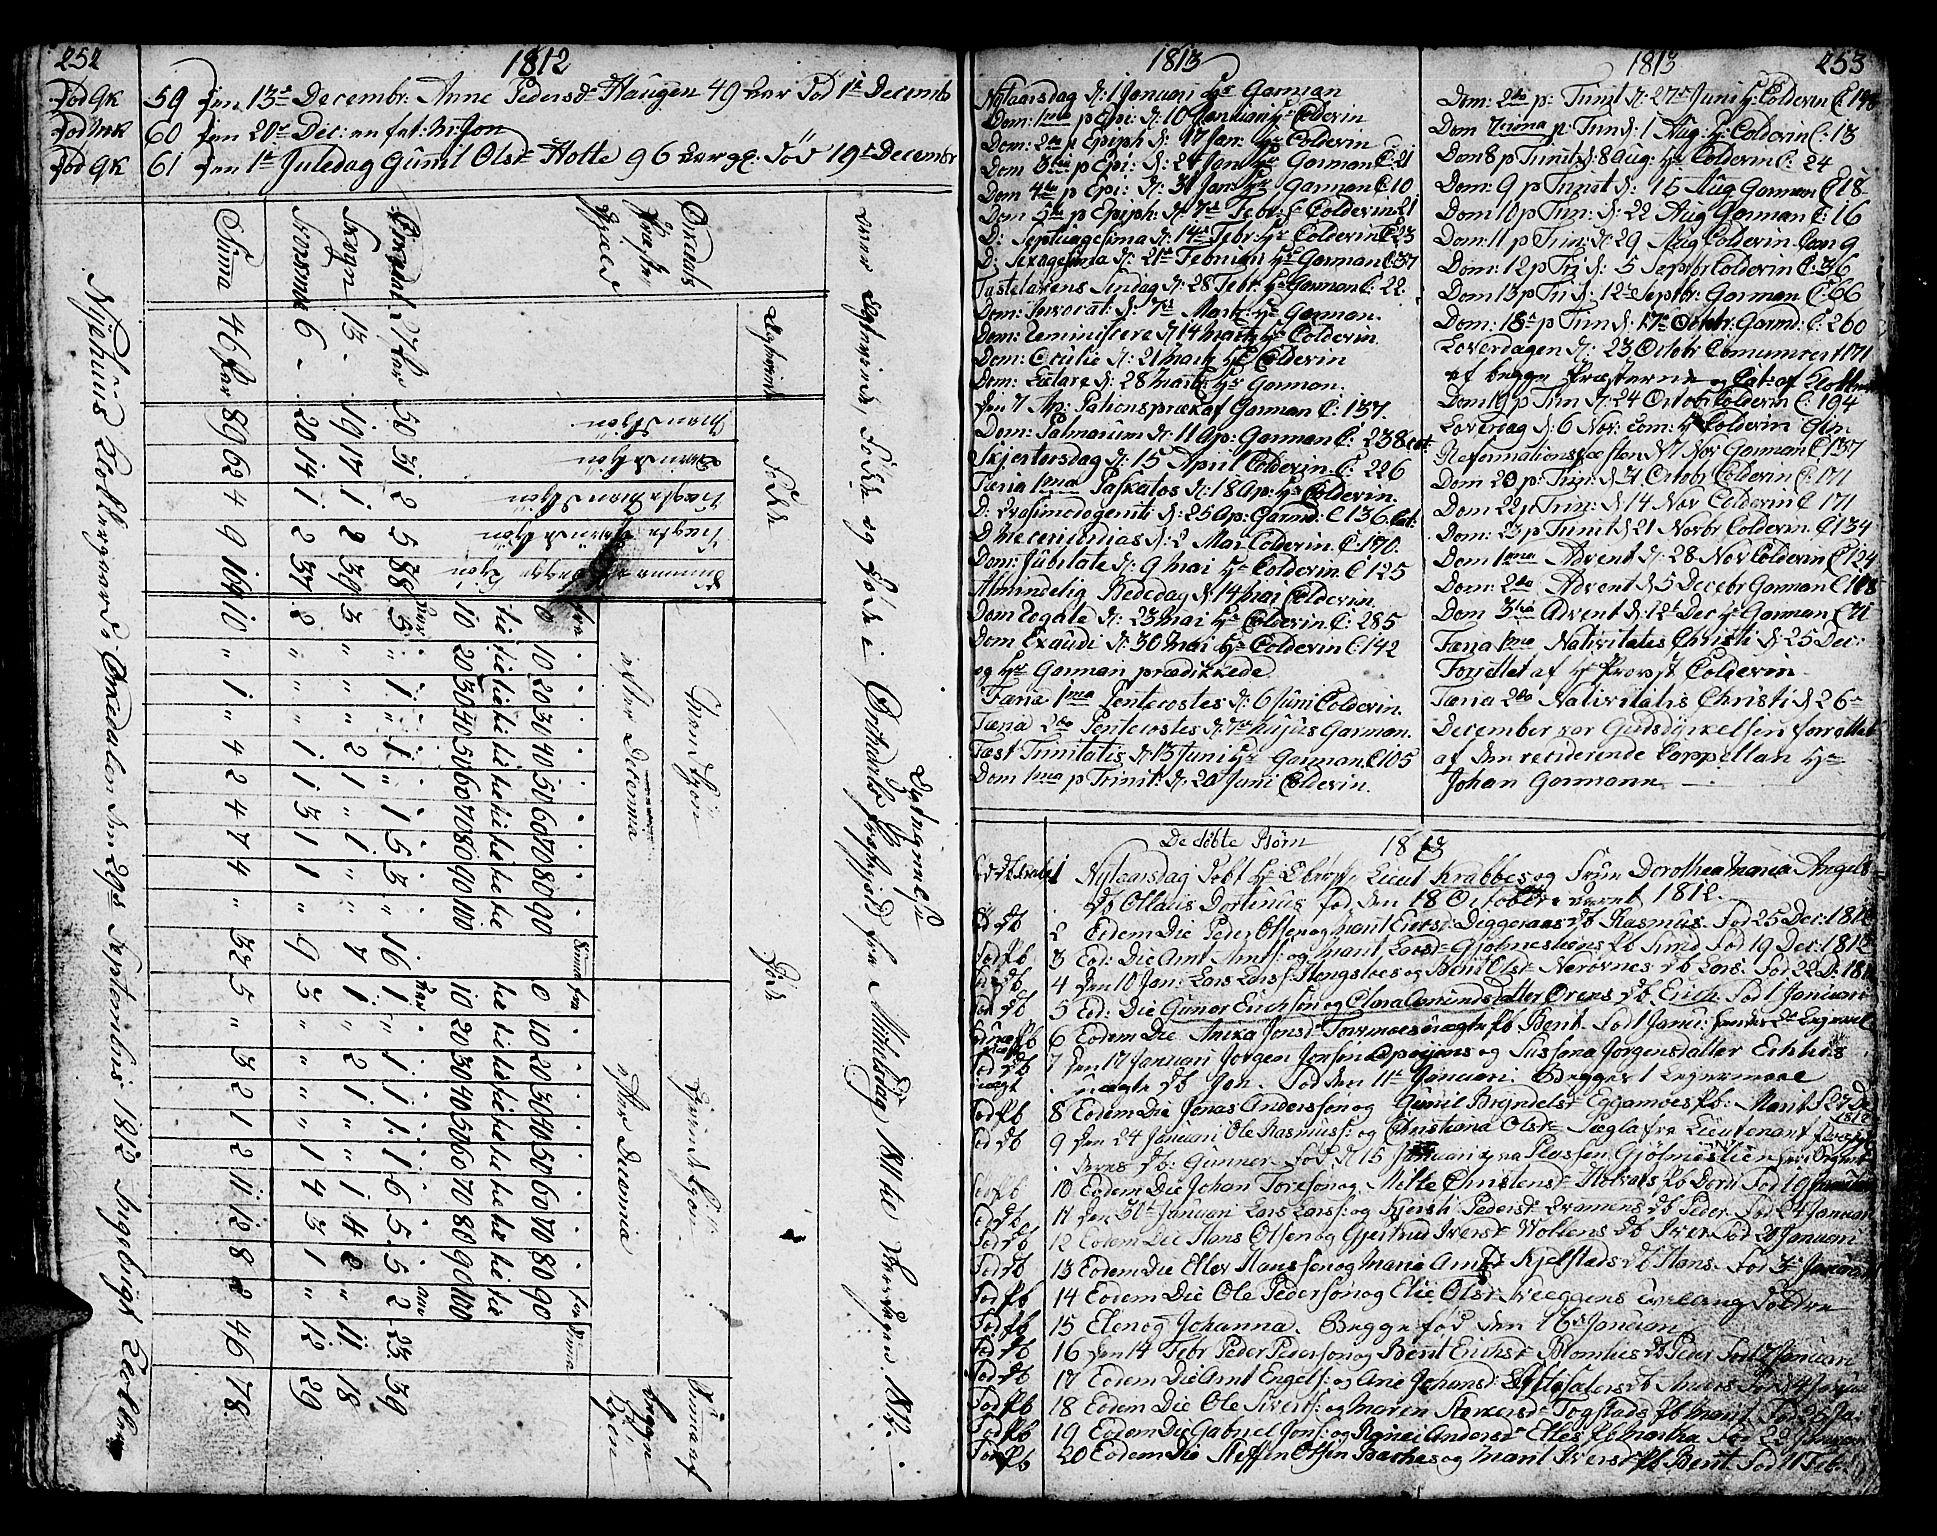 SAT, Ministerialprotokoller, klokkerbøker og fødselsregistre - Sør-Trøndelag, 668/L0815: Klokkerbok nr. 668C04, 1791-1815, s. 252-253